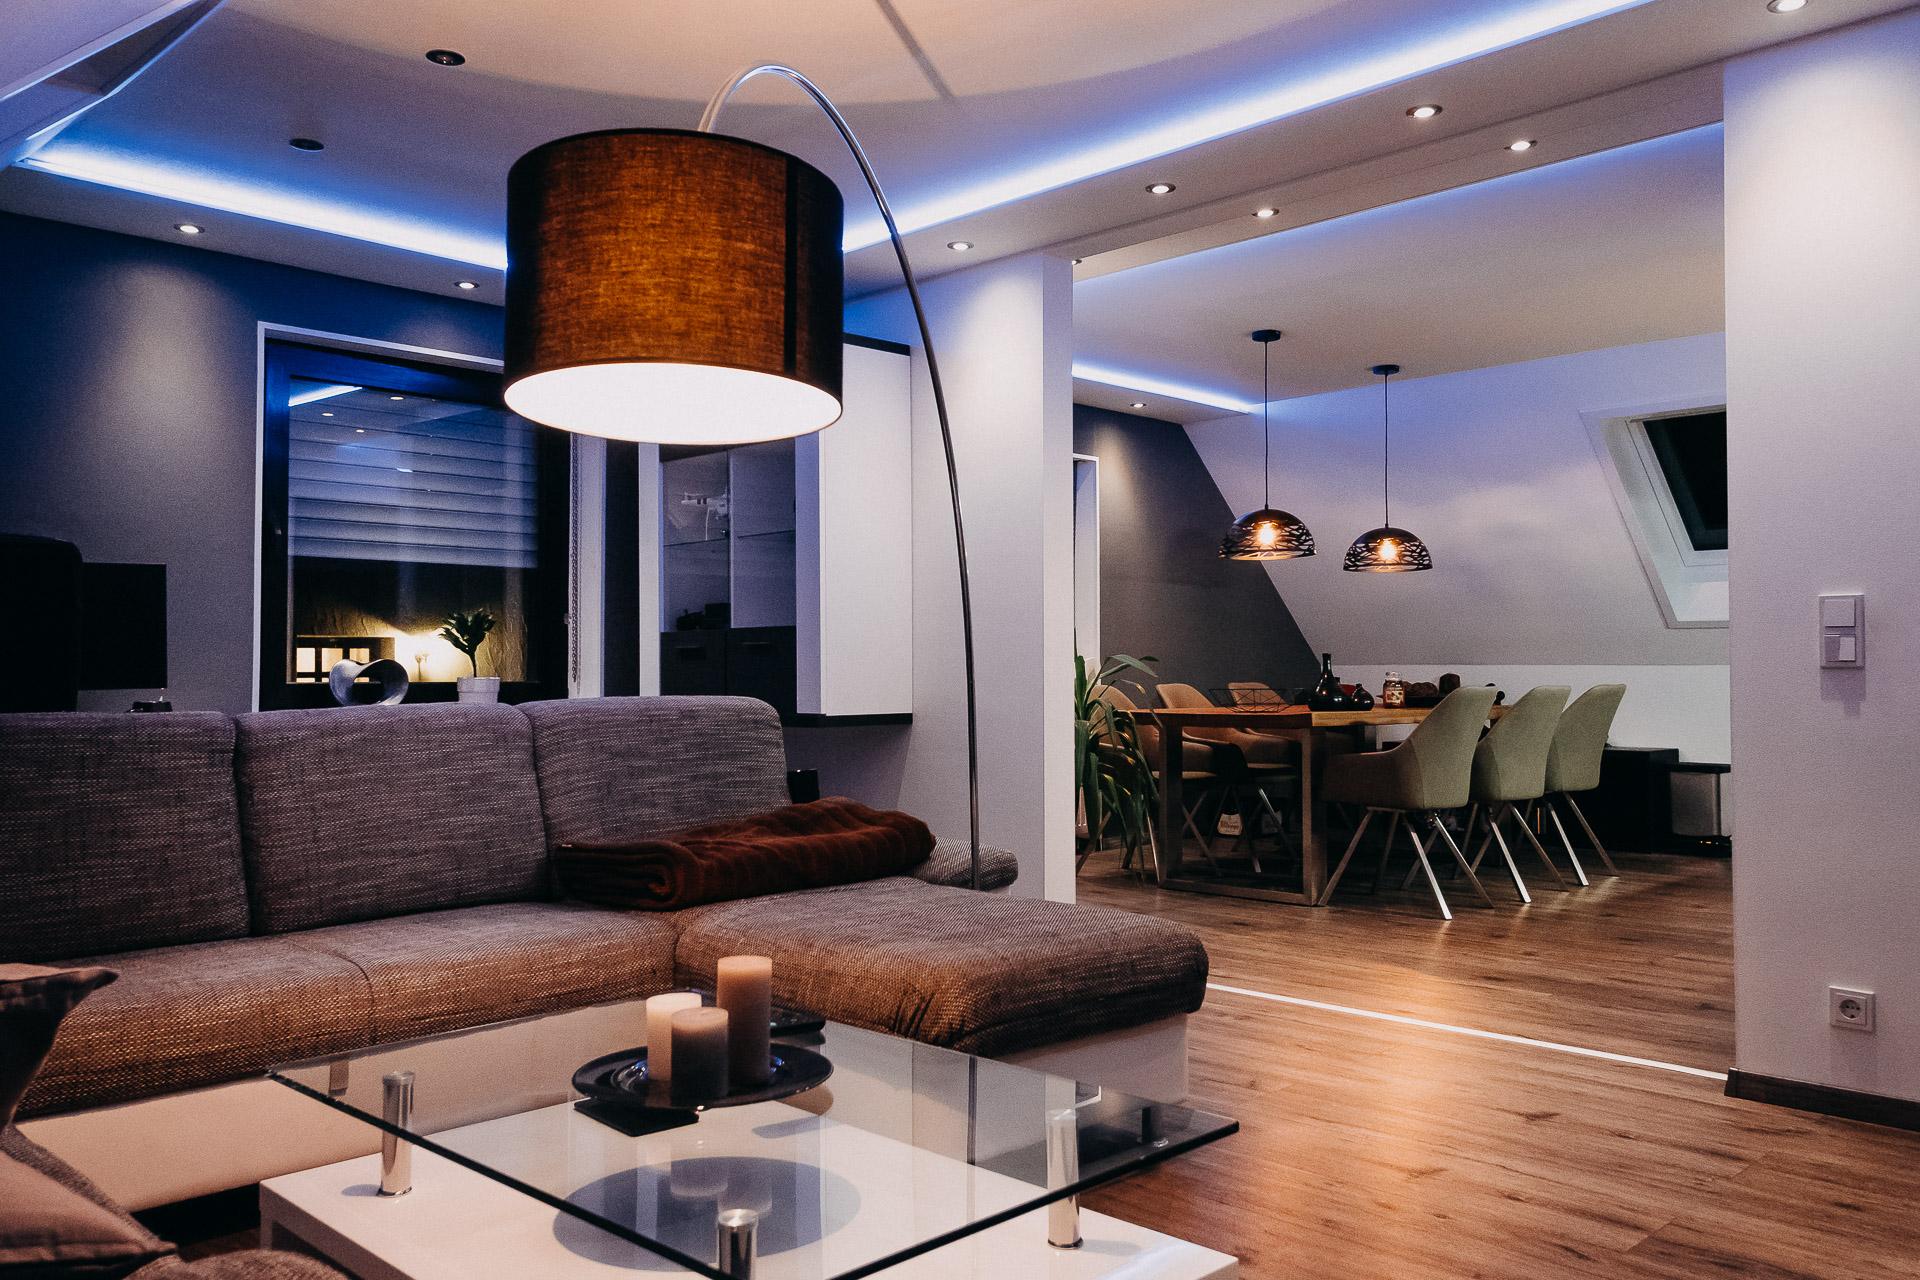 Indirekte Beleuchtung im Wohnzimmer, Esszimmer & Küche -